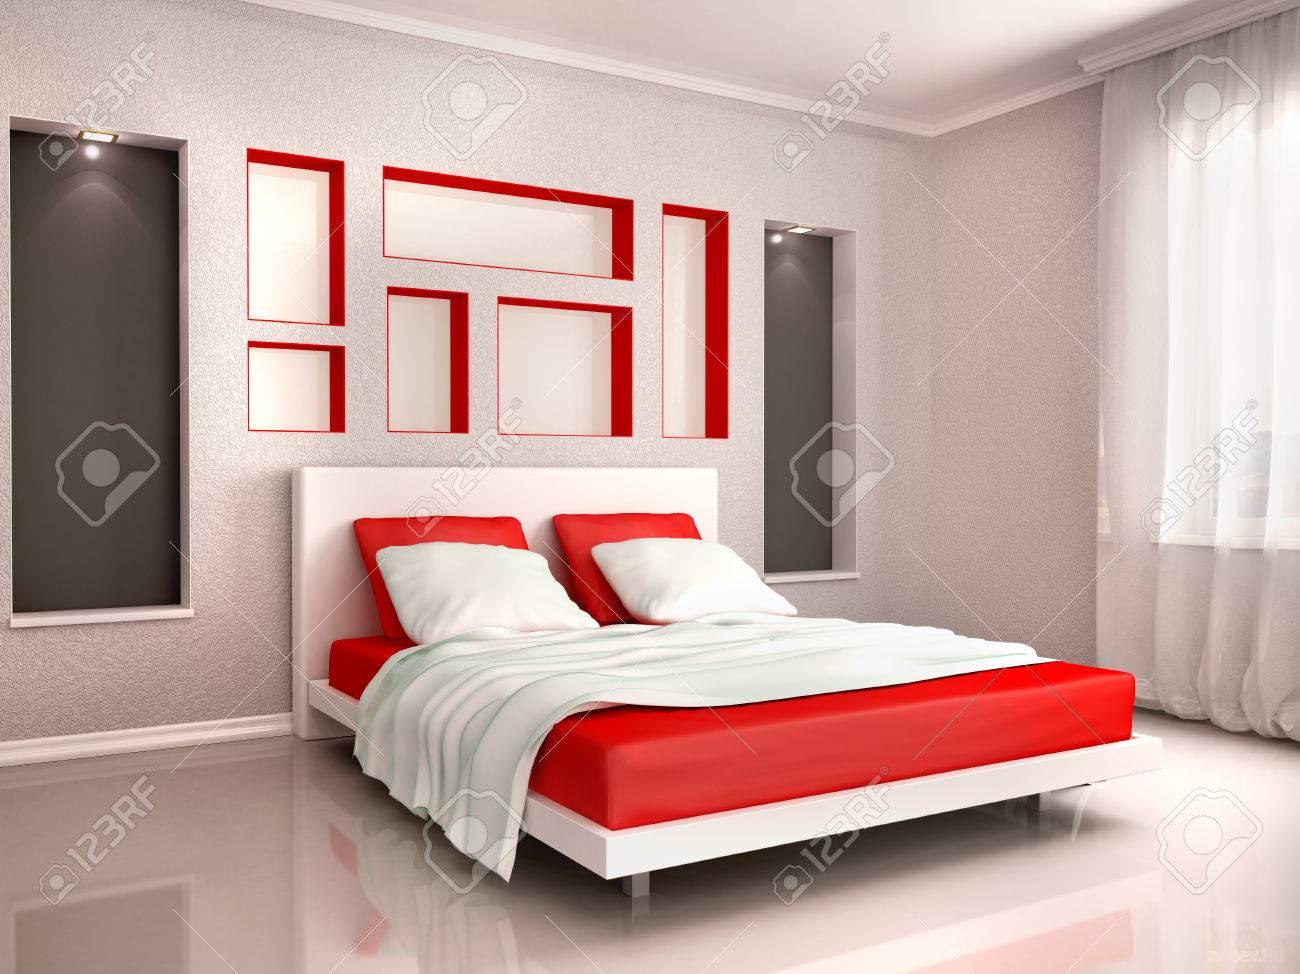 Camera Da Letto Grigia illustrazione 3d di interni della camera da letto moderna in tonalità rosso  e grigio